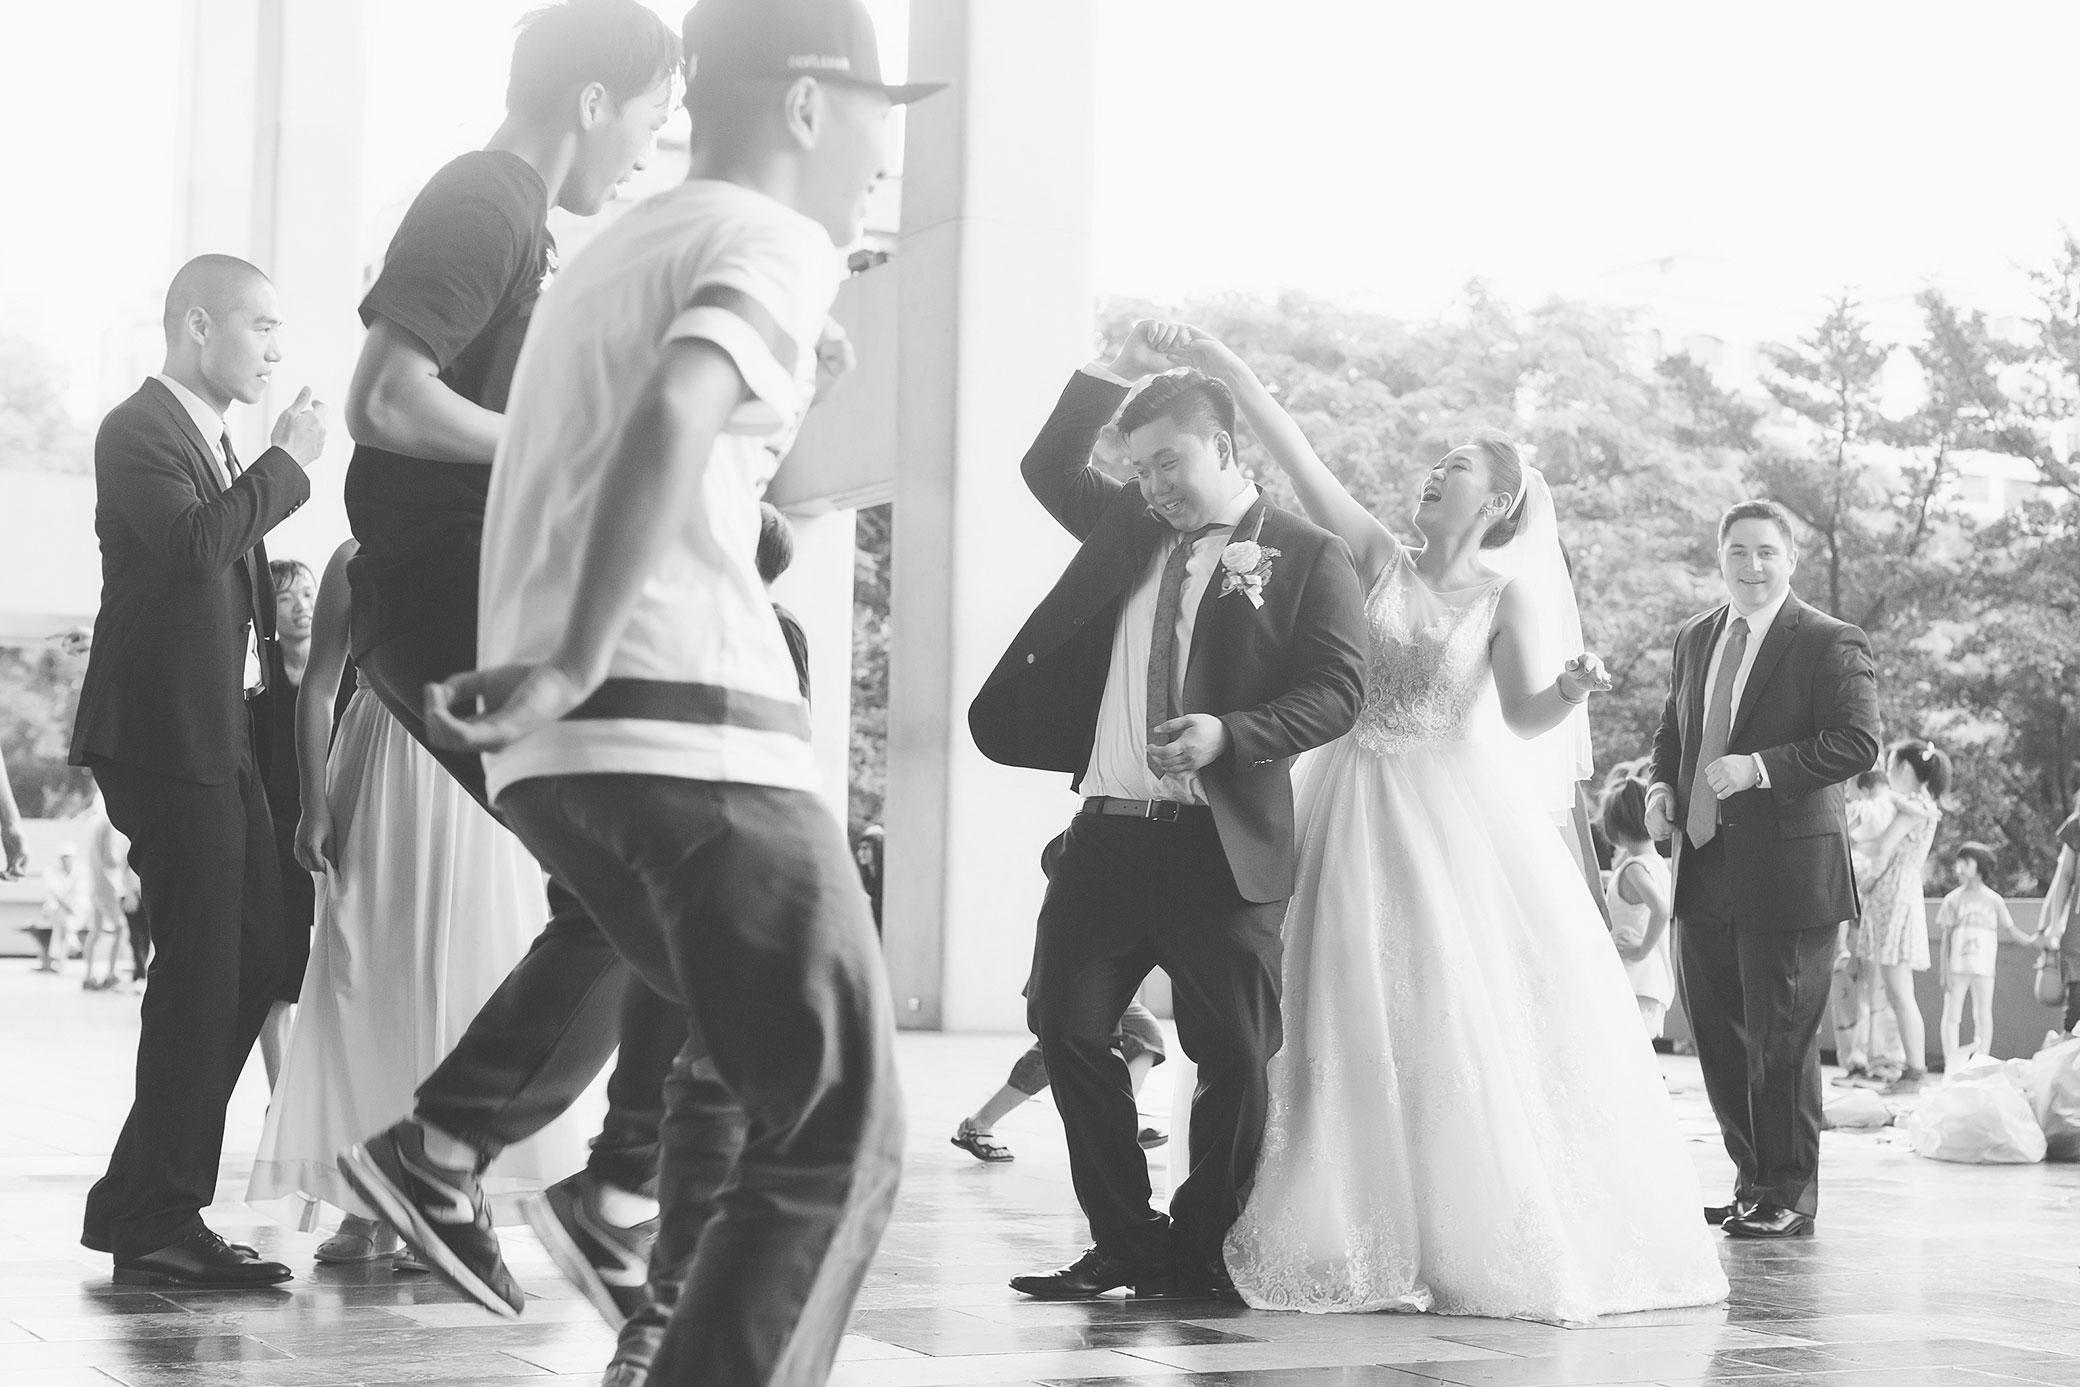 nickchang-realwedding-fineart-23